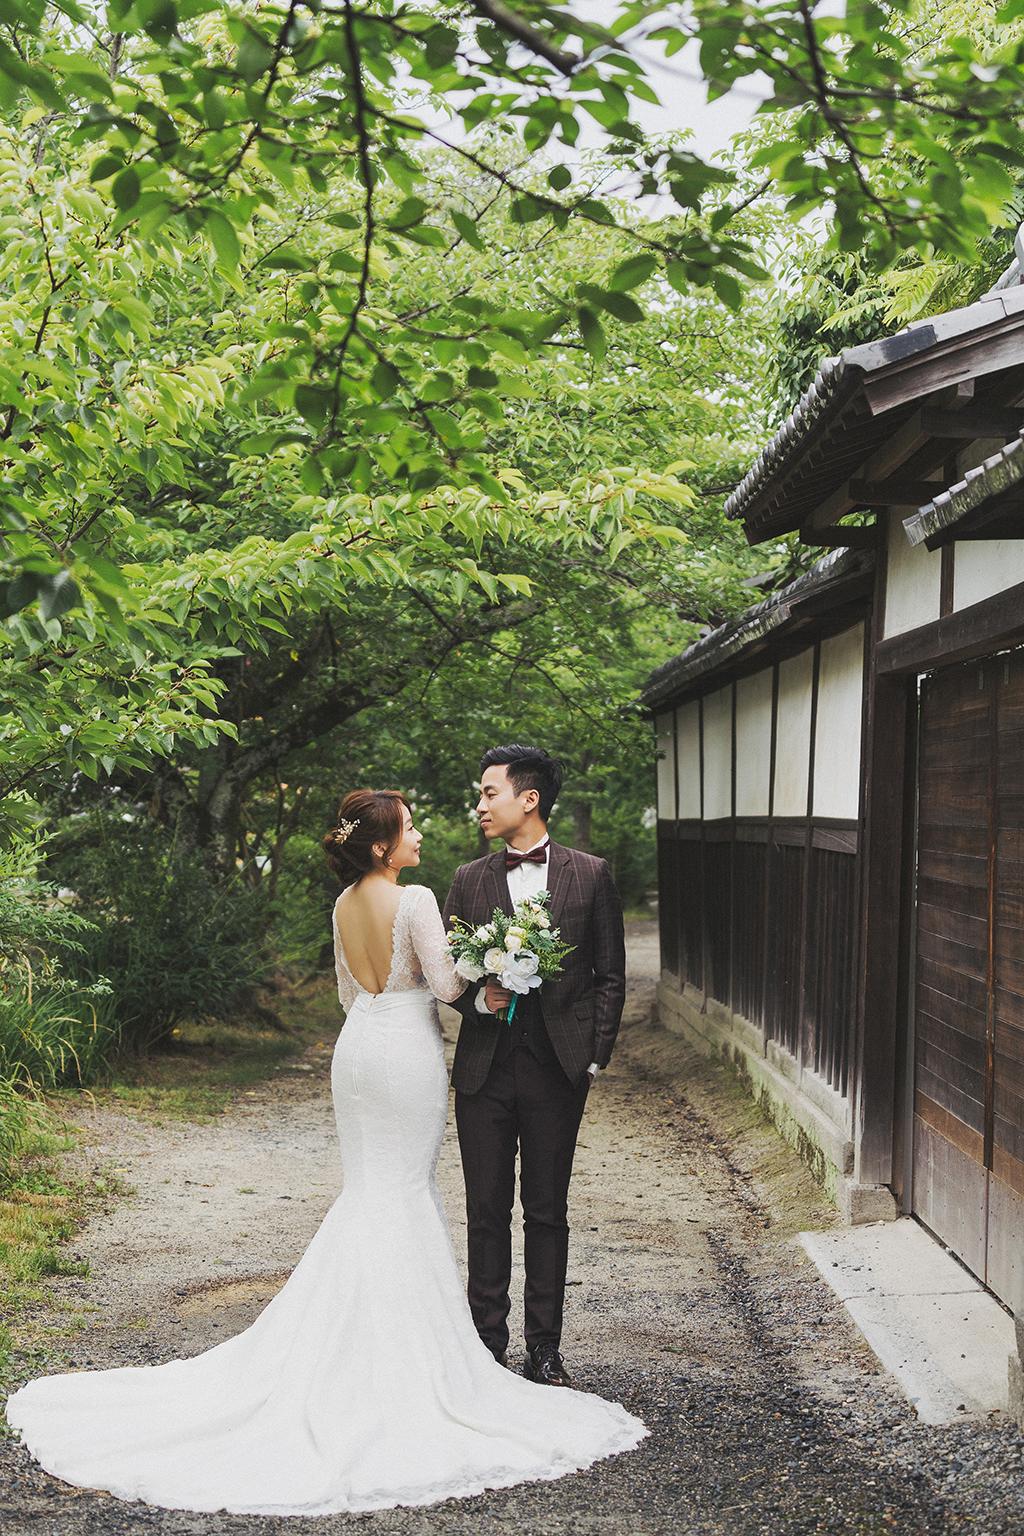 京都婚紗,京都,婚紗,PURE,海外婚紗,哲學之道